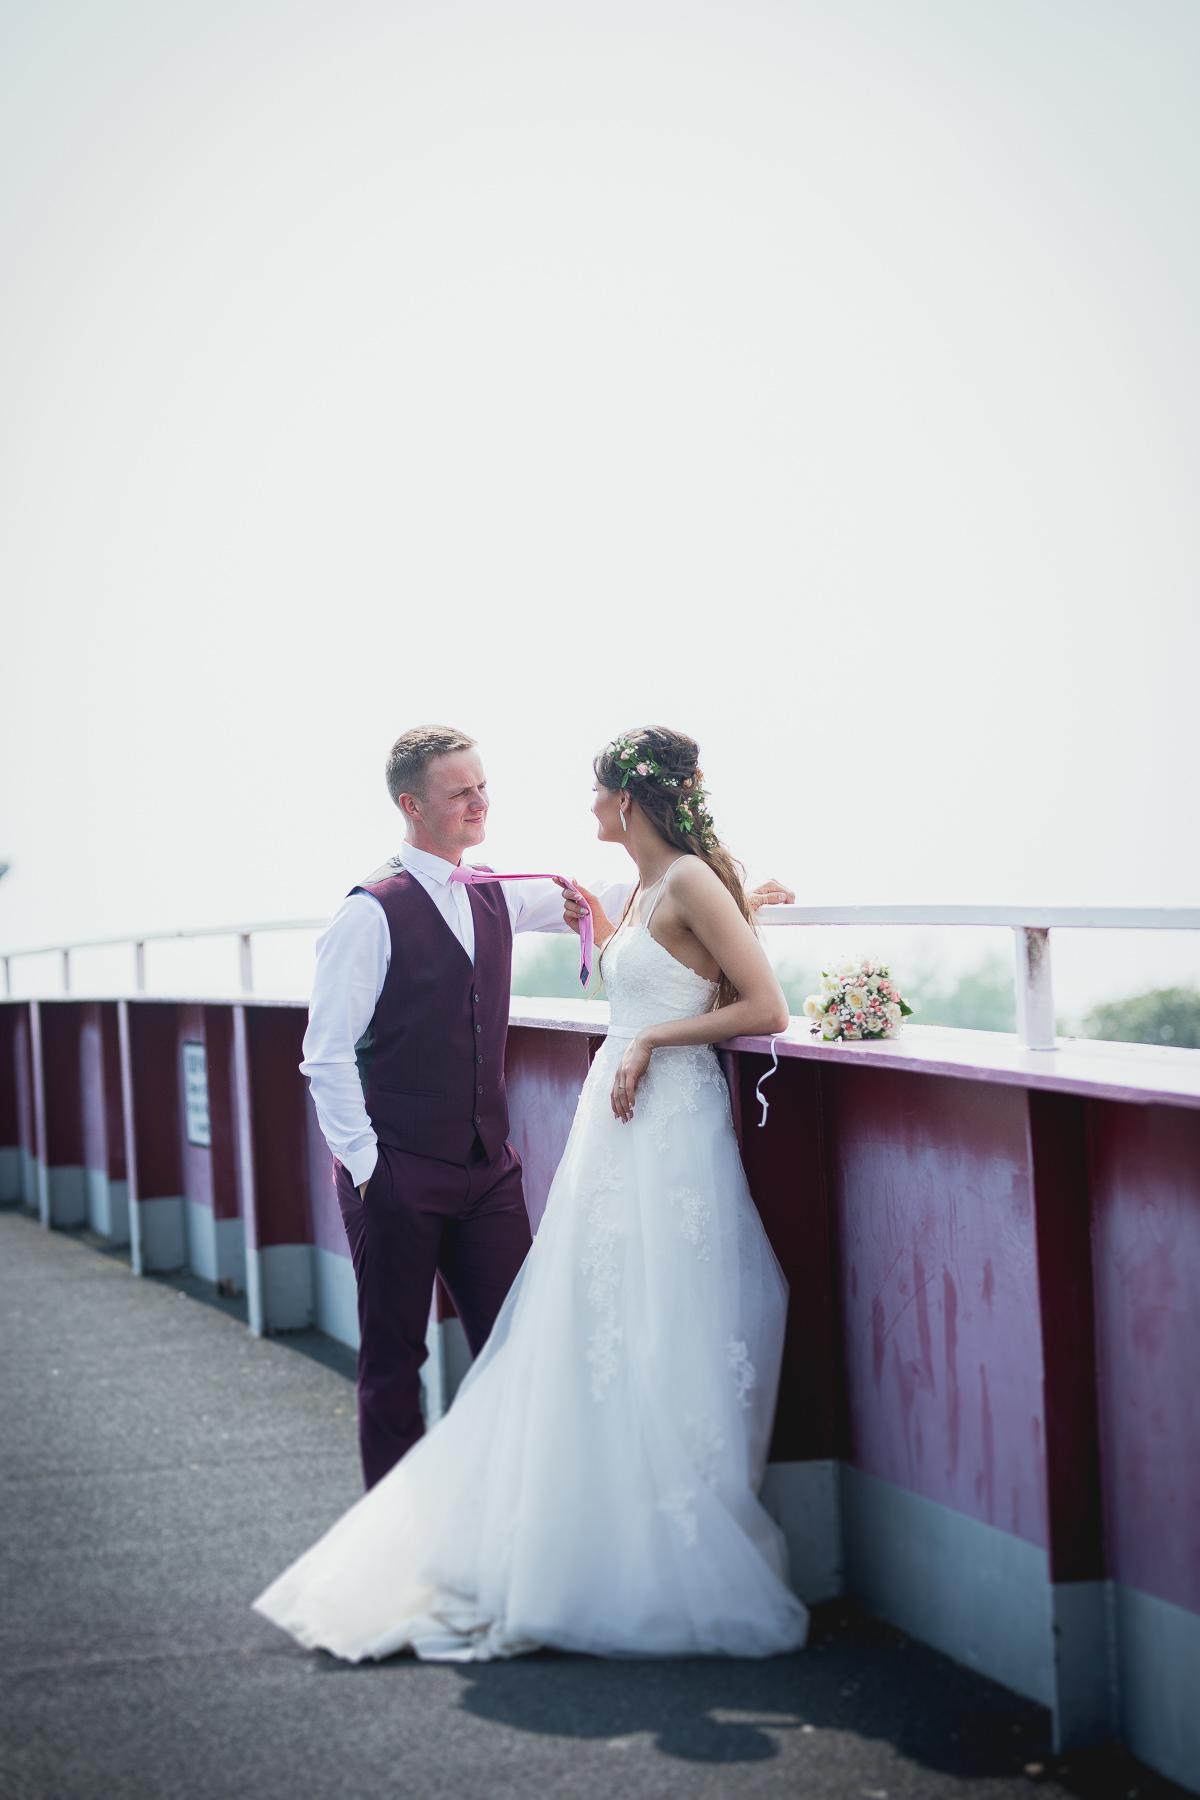 Dangira & Ignas Chichester Weddings VILCINSKAITE PHOTO 22.jpg